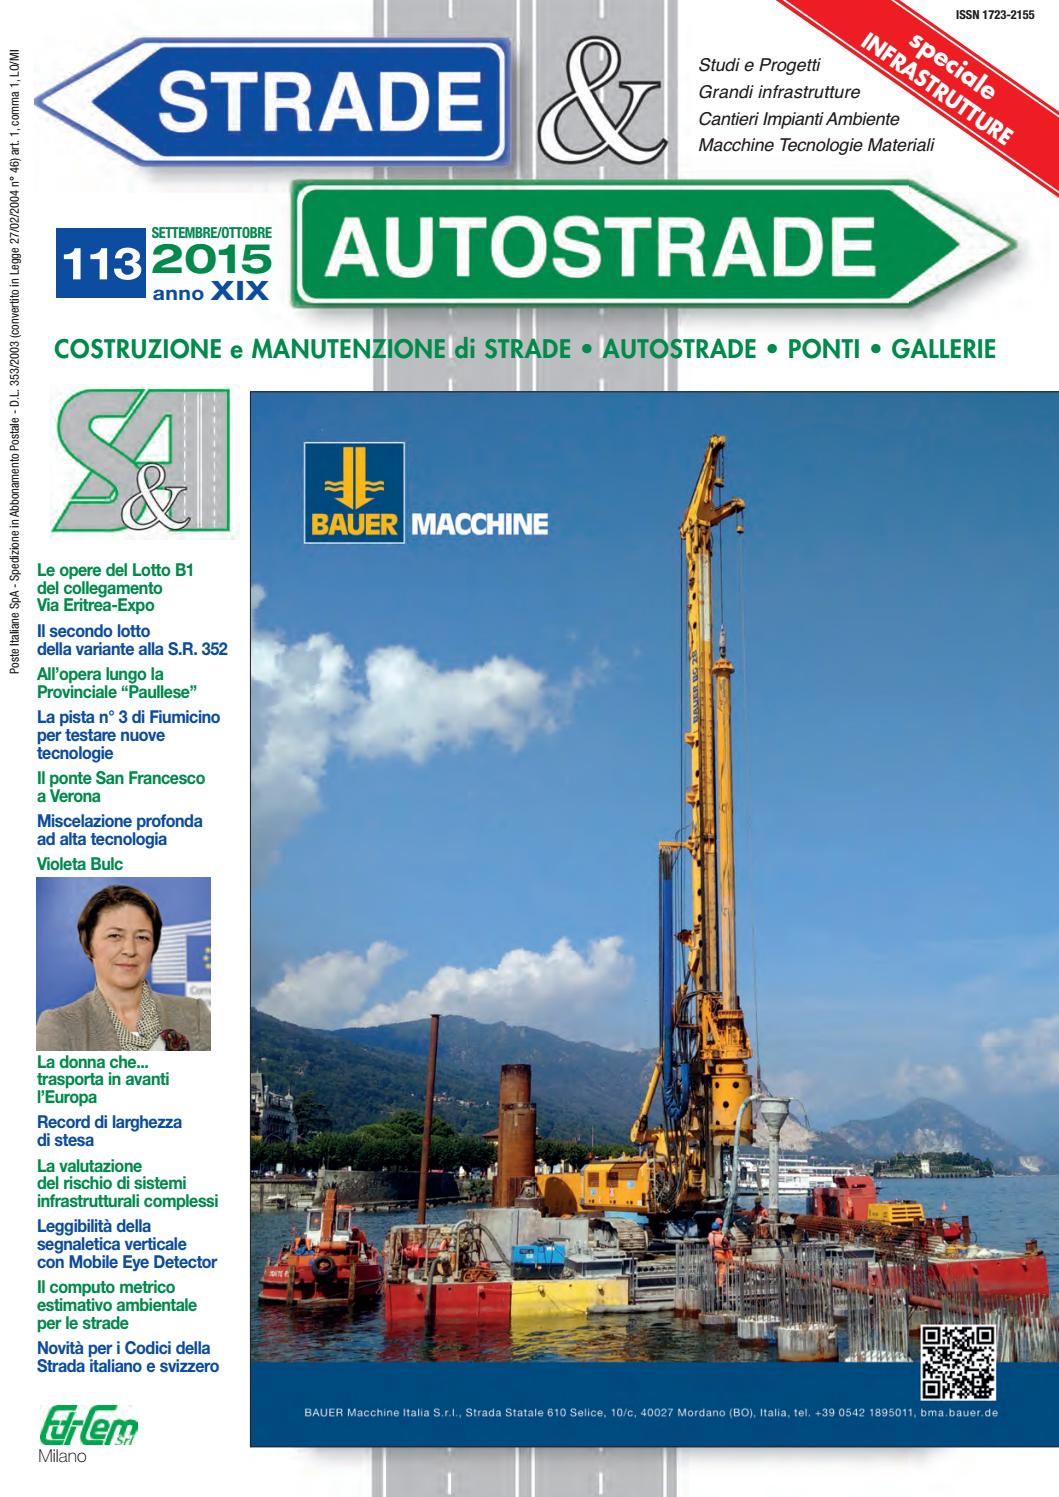 S&A 113 Settembre-Ottobre 2015 by Strade&Autostrade - EDI